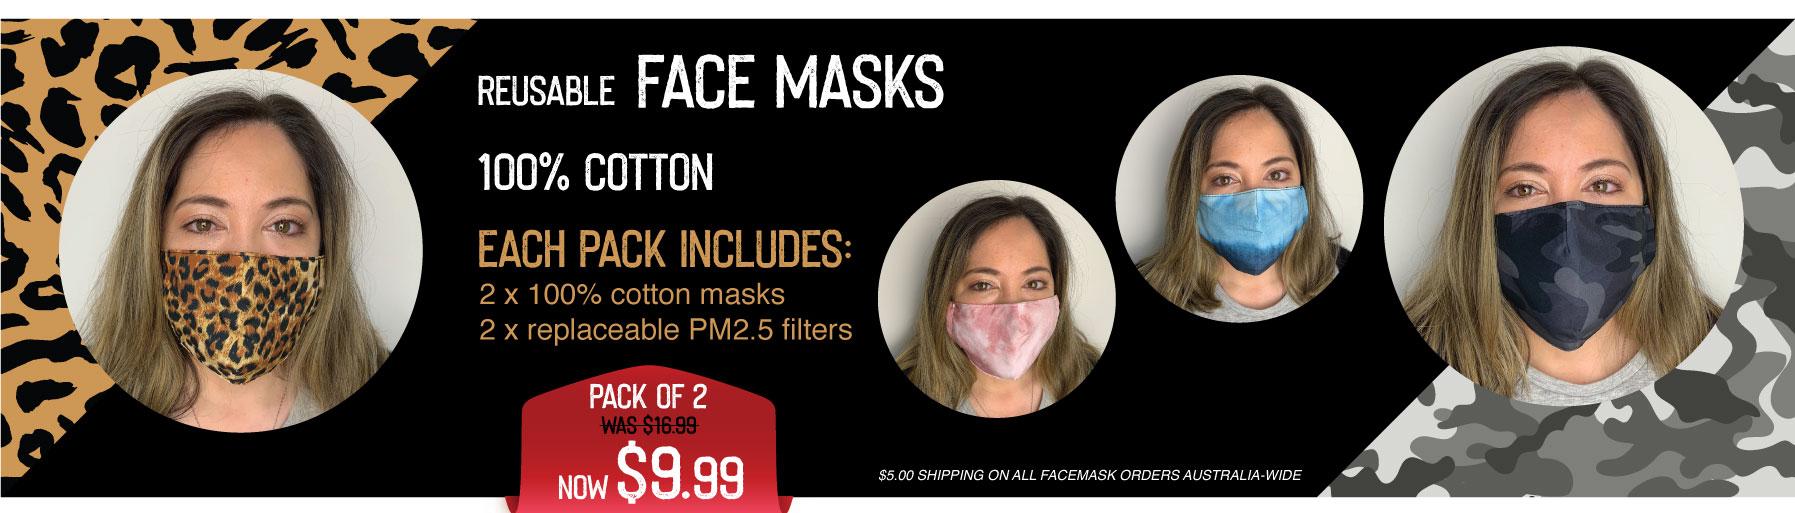 face-masks-banners.jpg